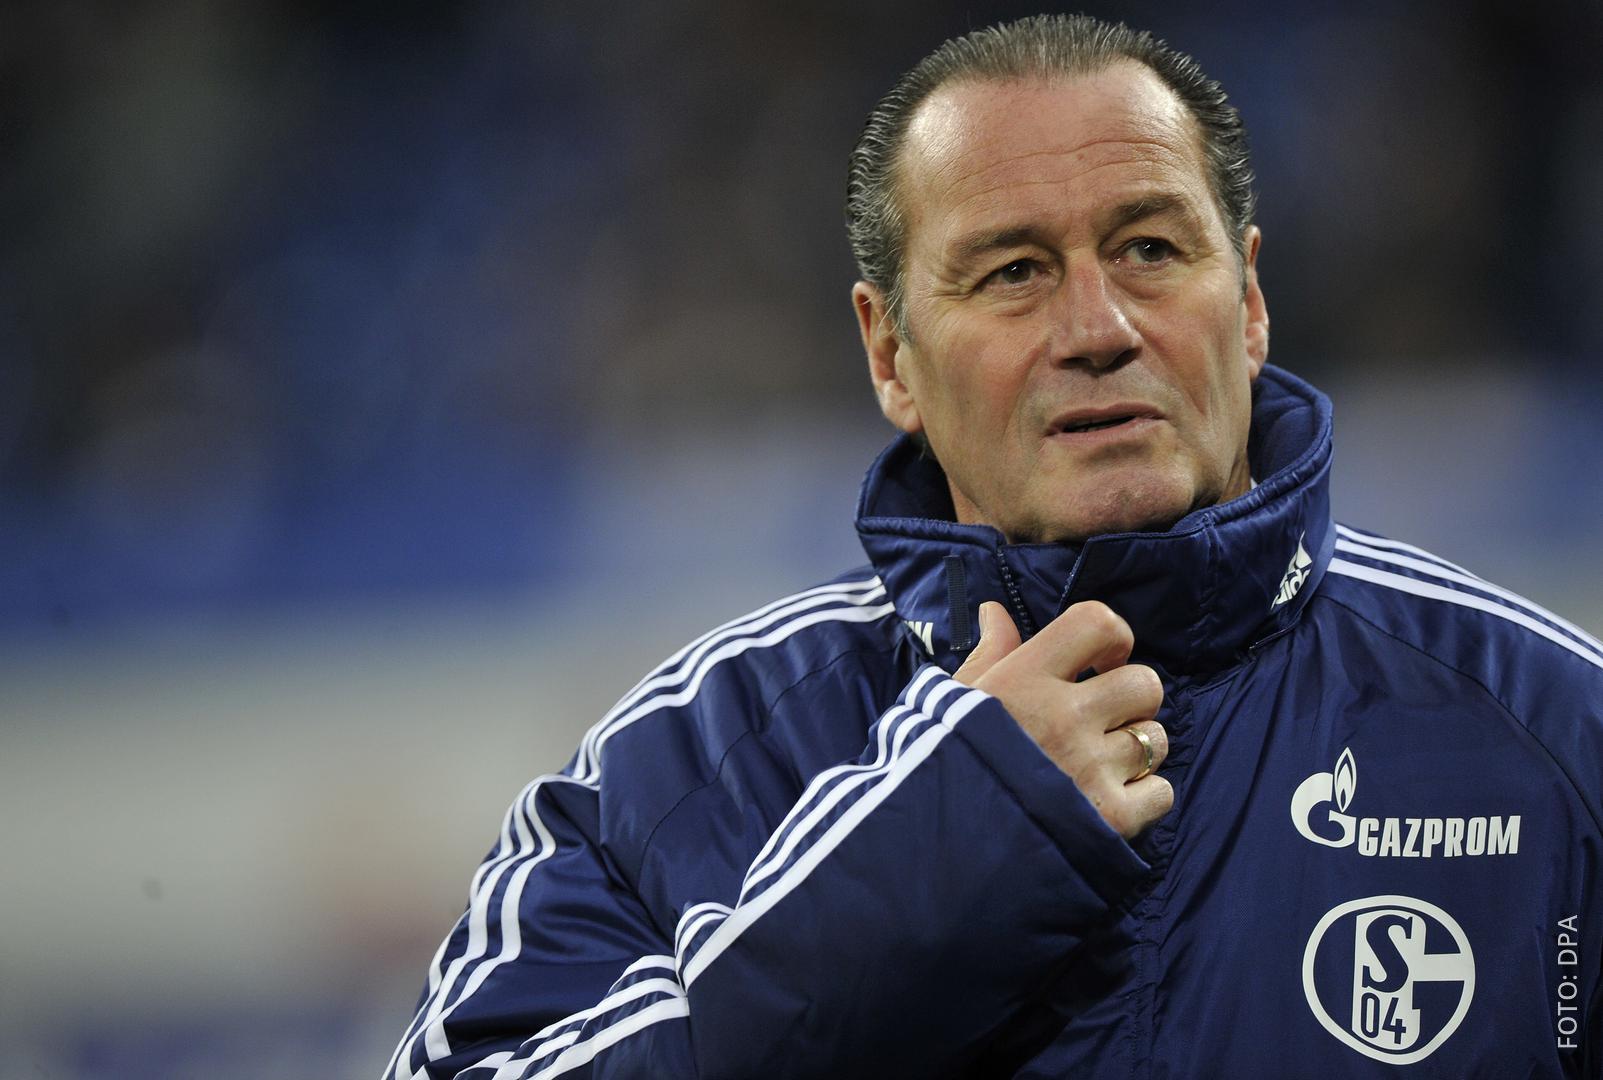 Der neue Schalker Trainer Huub Stevens